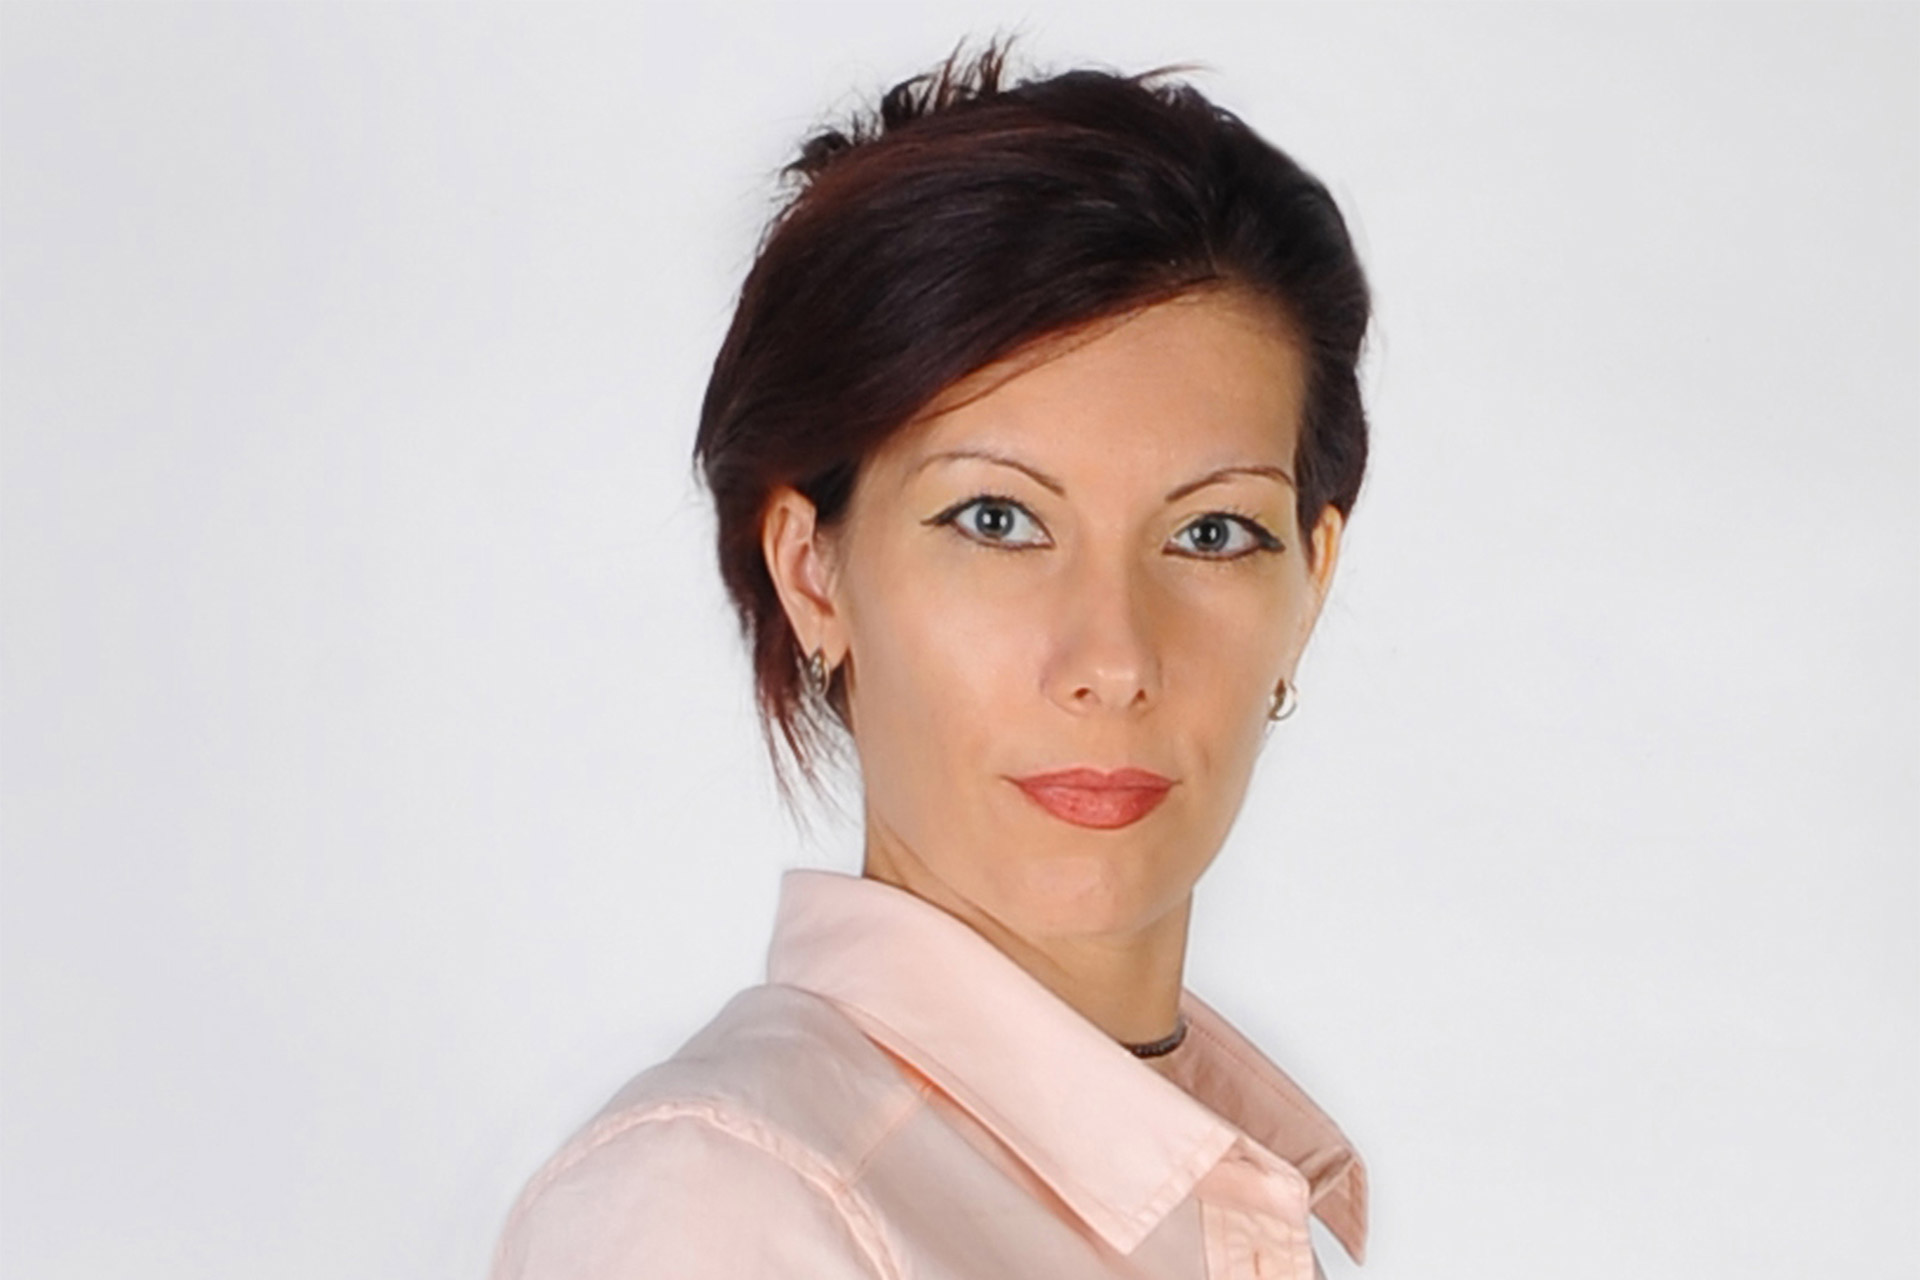 Ольга Аминова. Бизнес тренер, бизнес консультант, коуч. Основатель компании «Прайд Консалтинг».